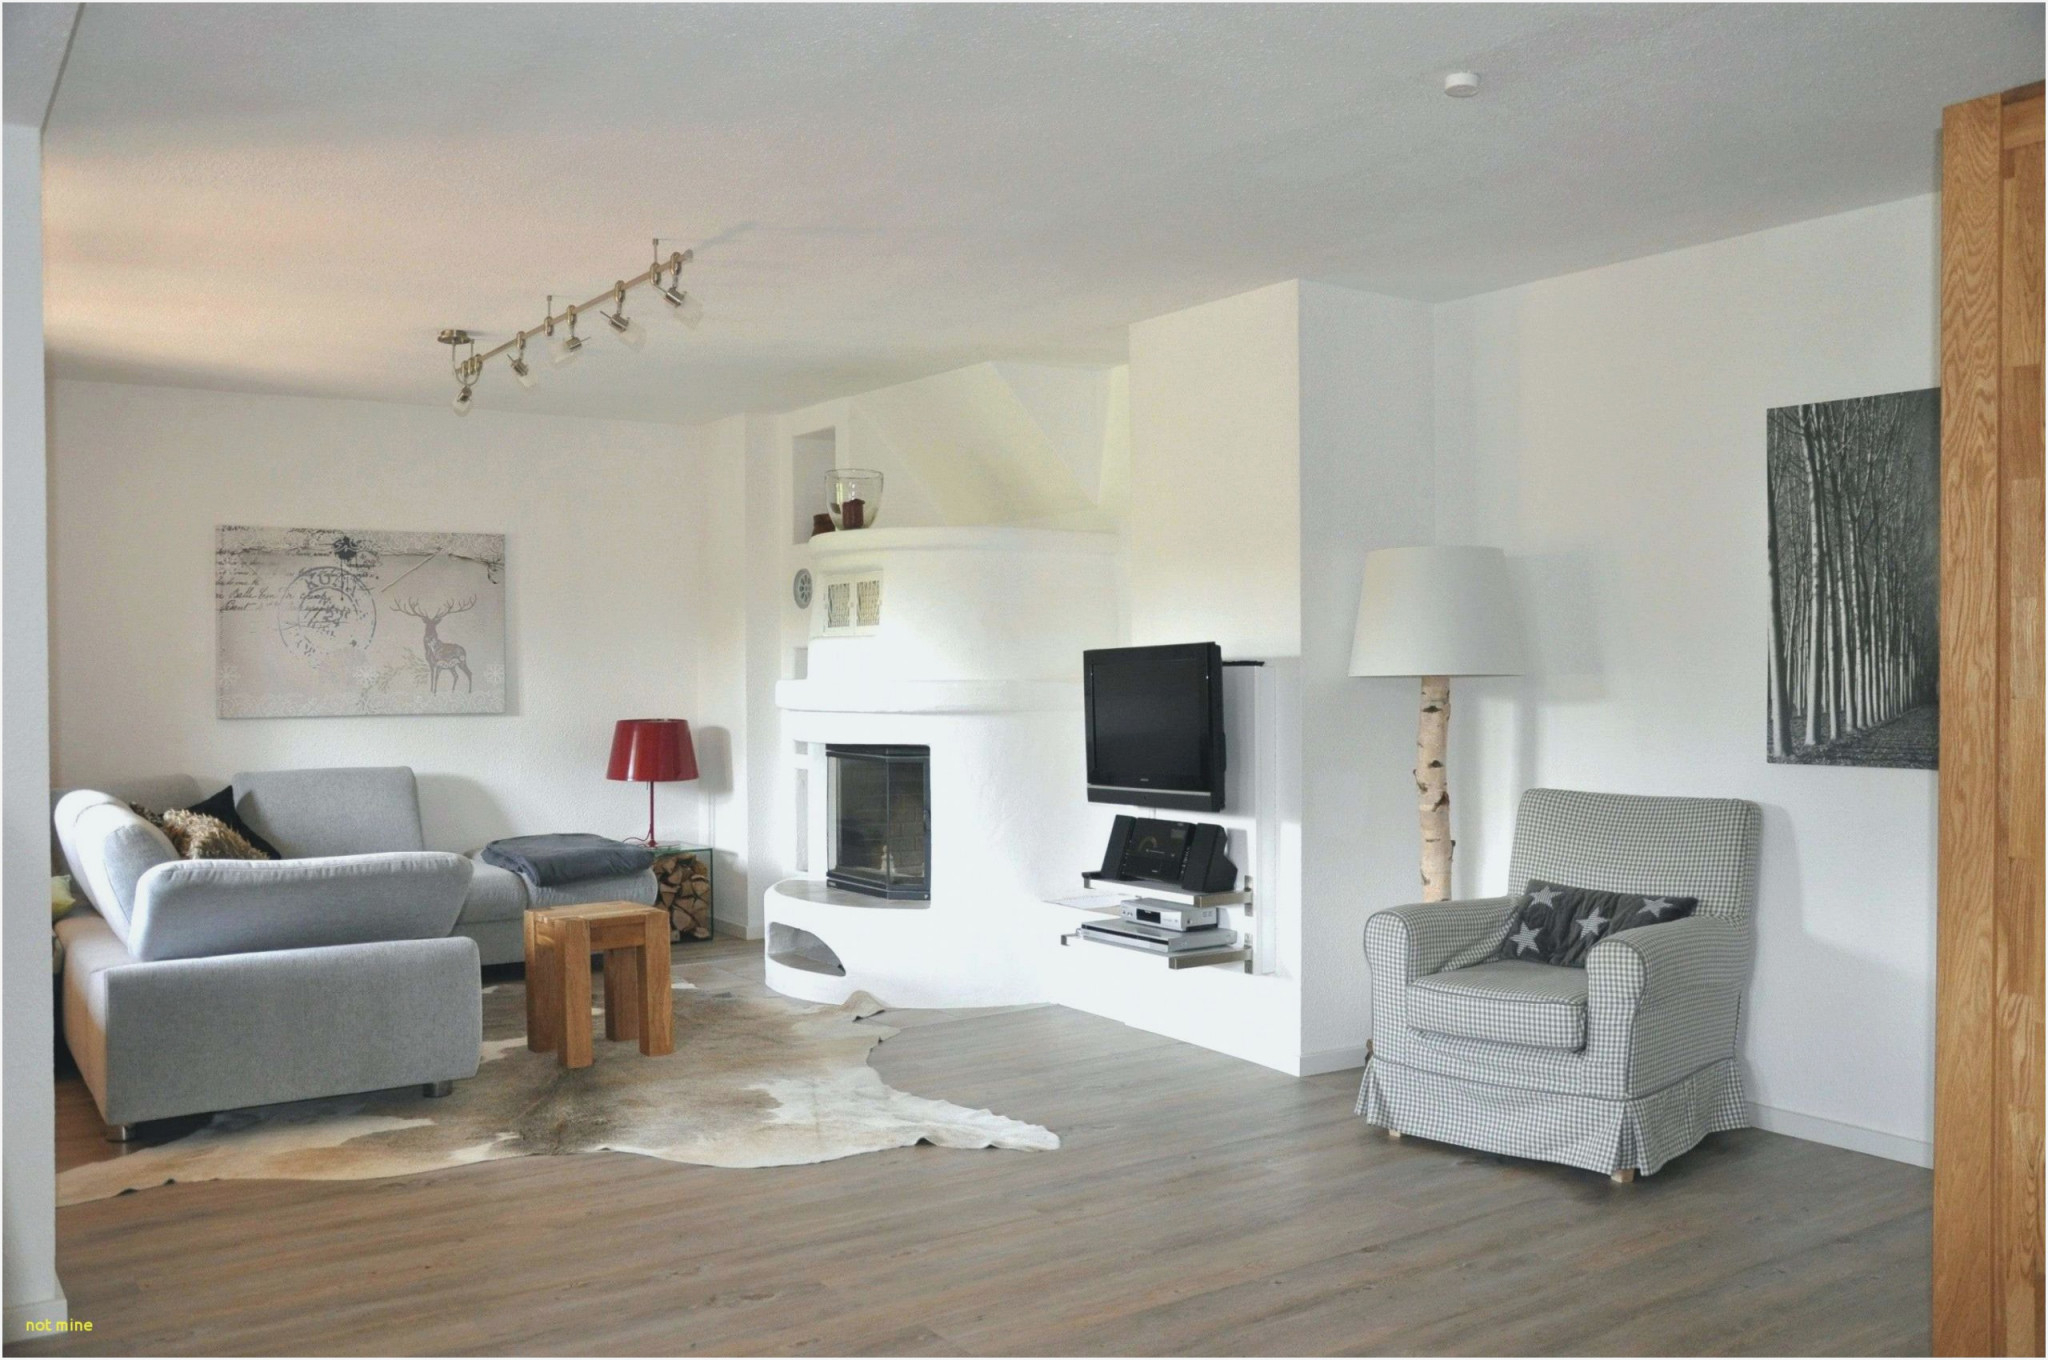 Langes Wohnzimmer Wie Einrichten  Wohnzimmer  Traumhaus von Langes Wohnzimmer Gestalten Photo